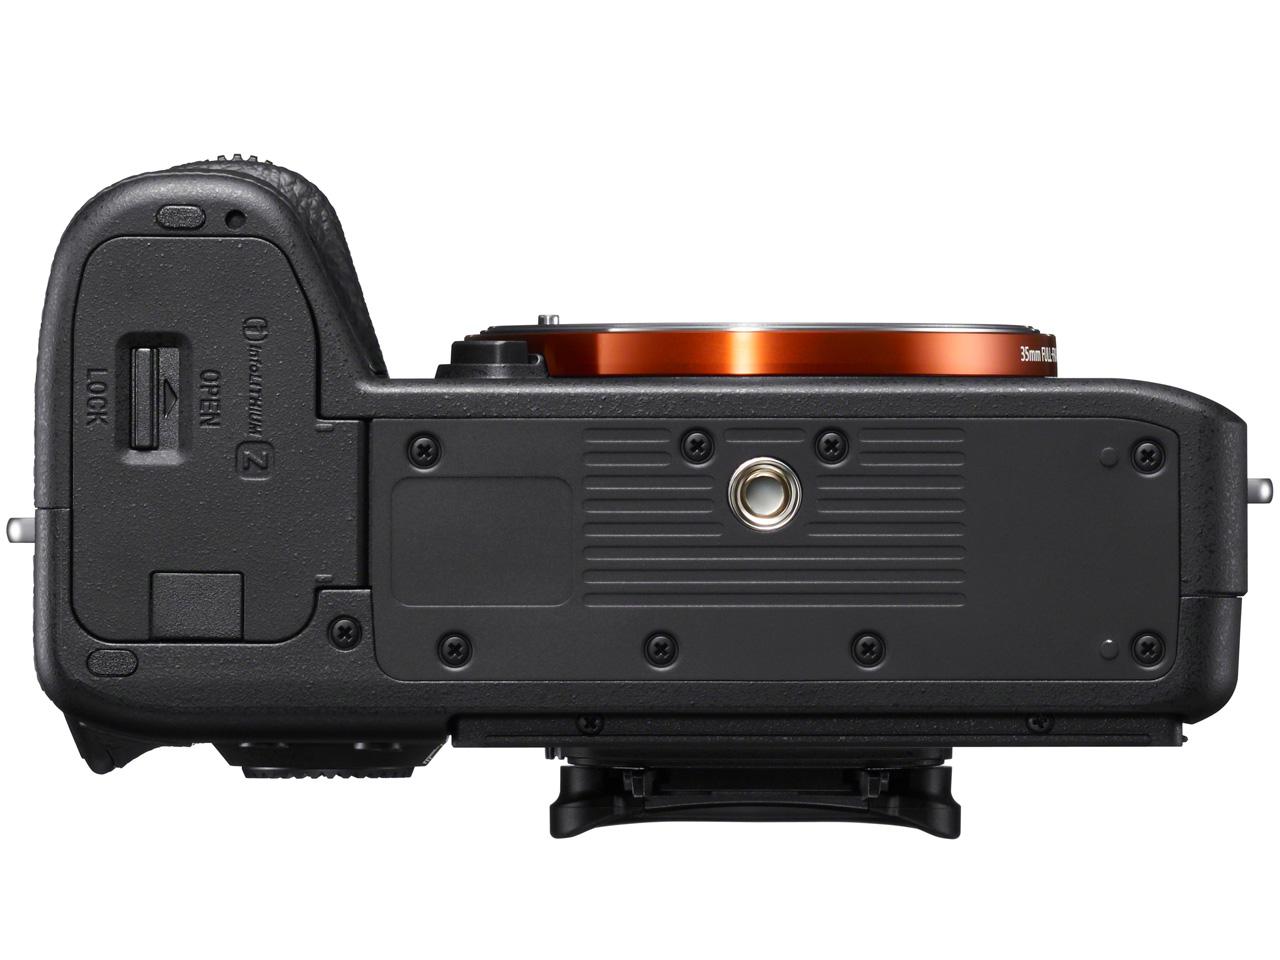 『本体 底面』 α7 III ILCE-7M3 ボディ の製品画像